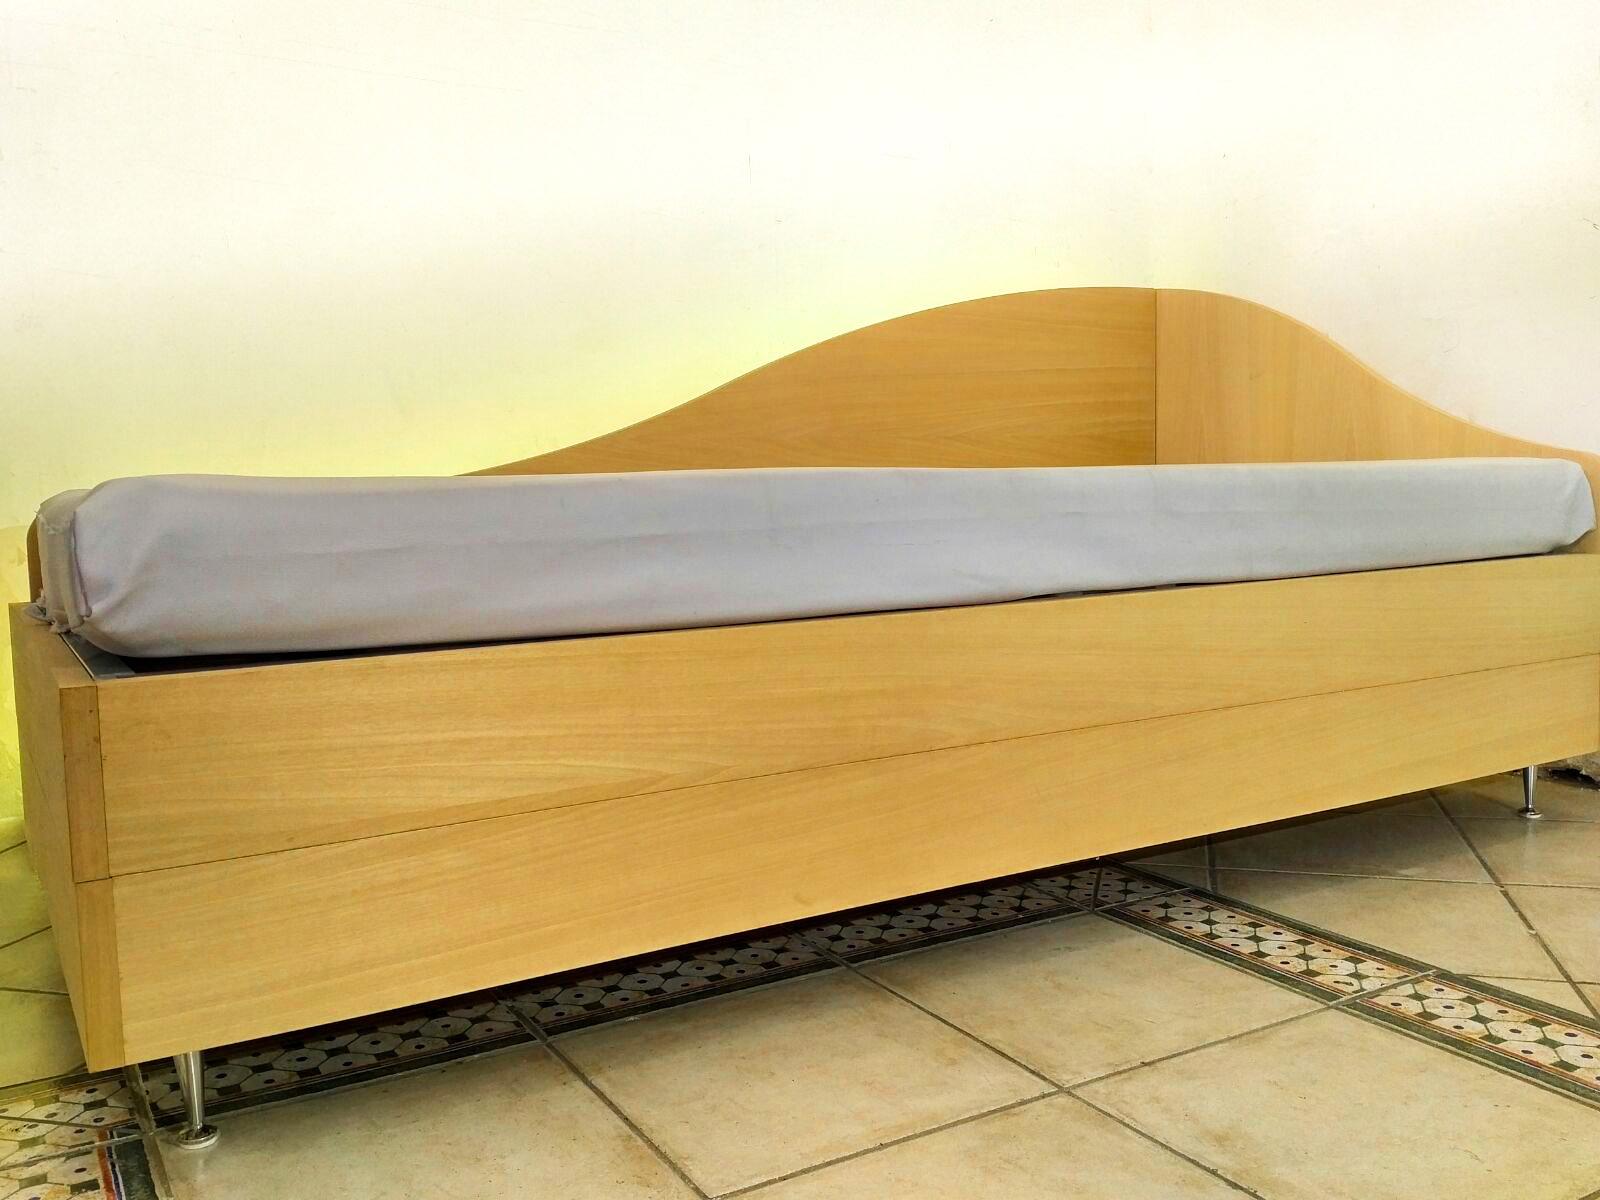 Divano Letto Per Bambino : Divano letto con letto estraibile singolo per materasso e rete da